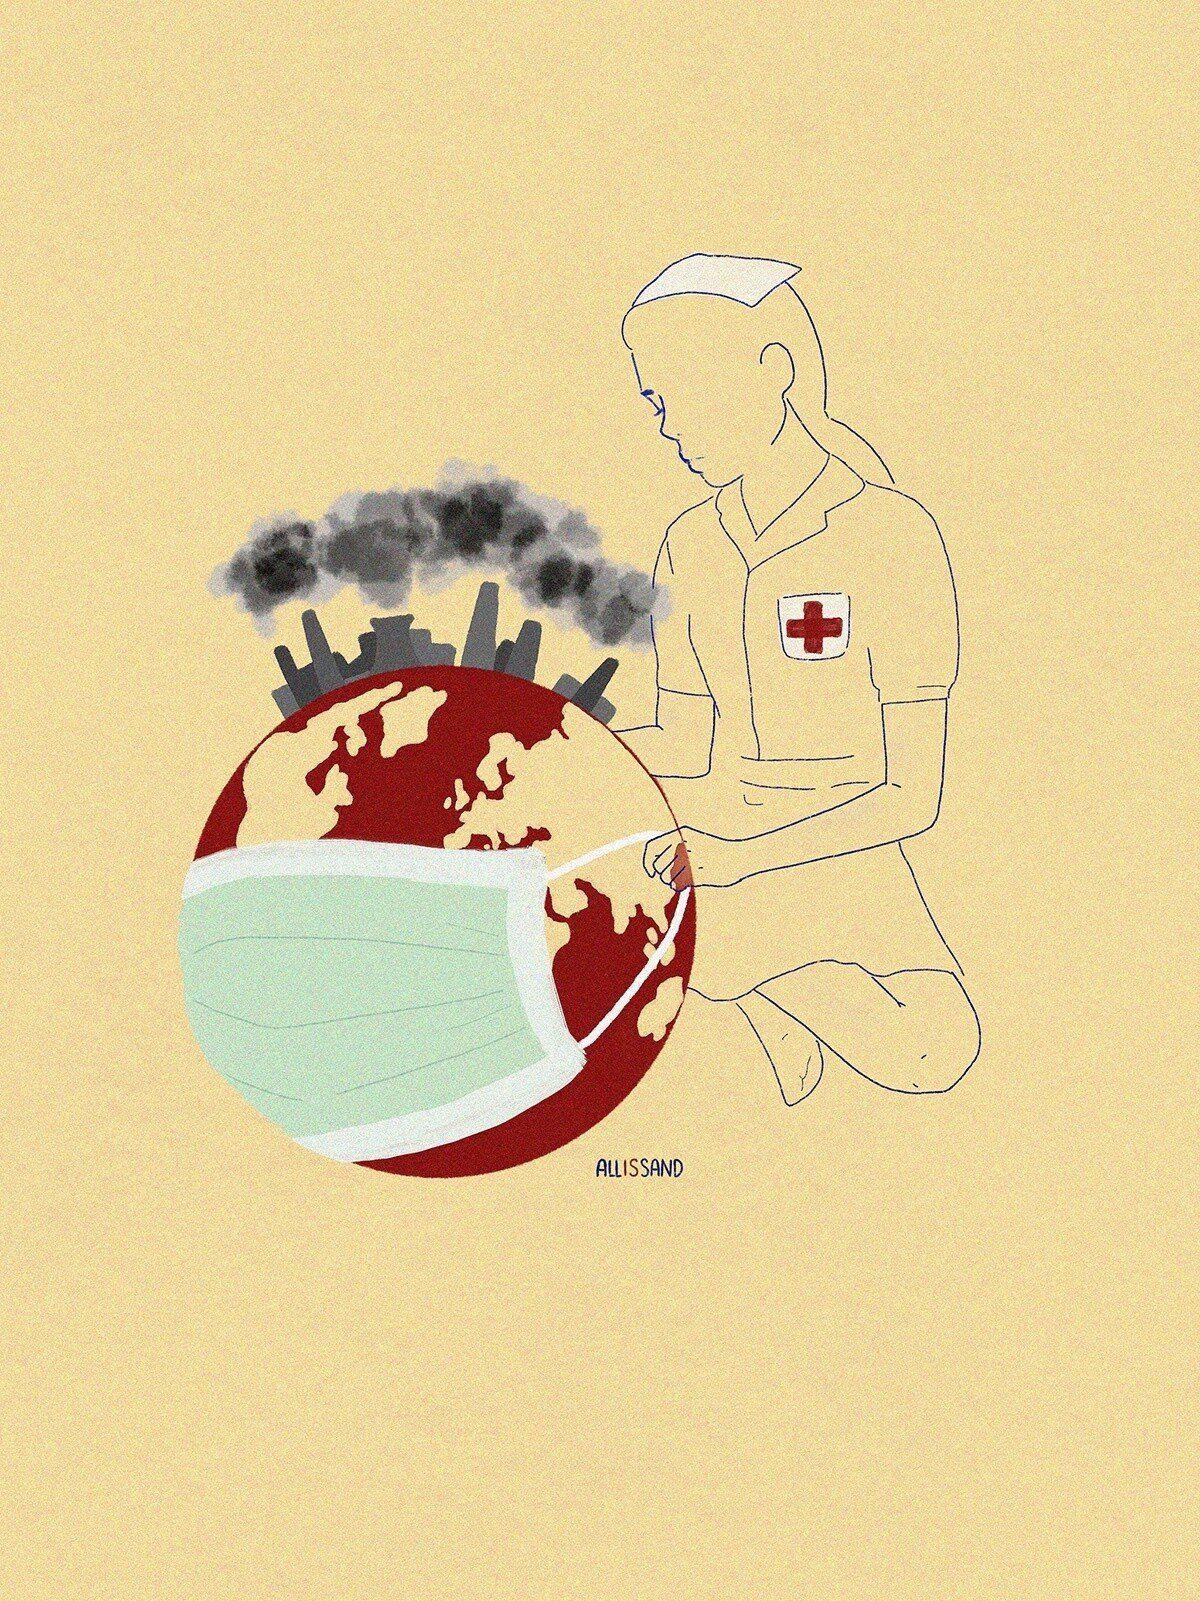 Las Ilustraciones De Alessandra Bruni Expresan Sentimientos Universales Cultura Inquieta Em 2020 Desenhos